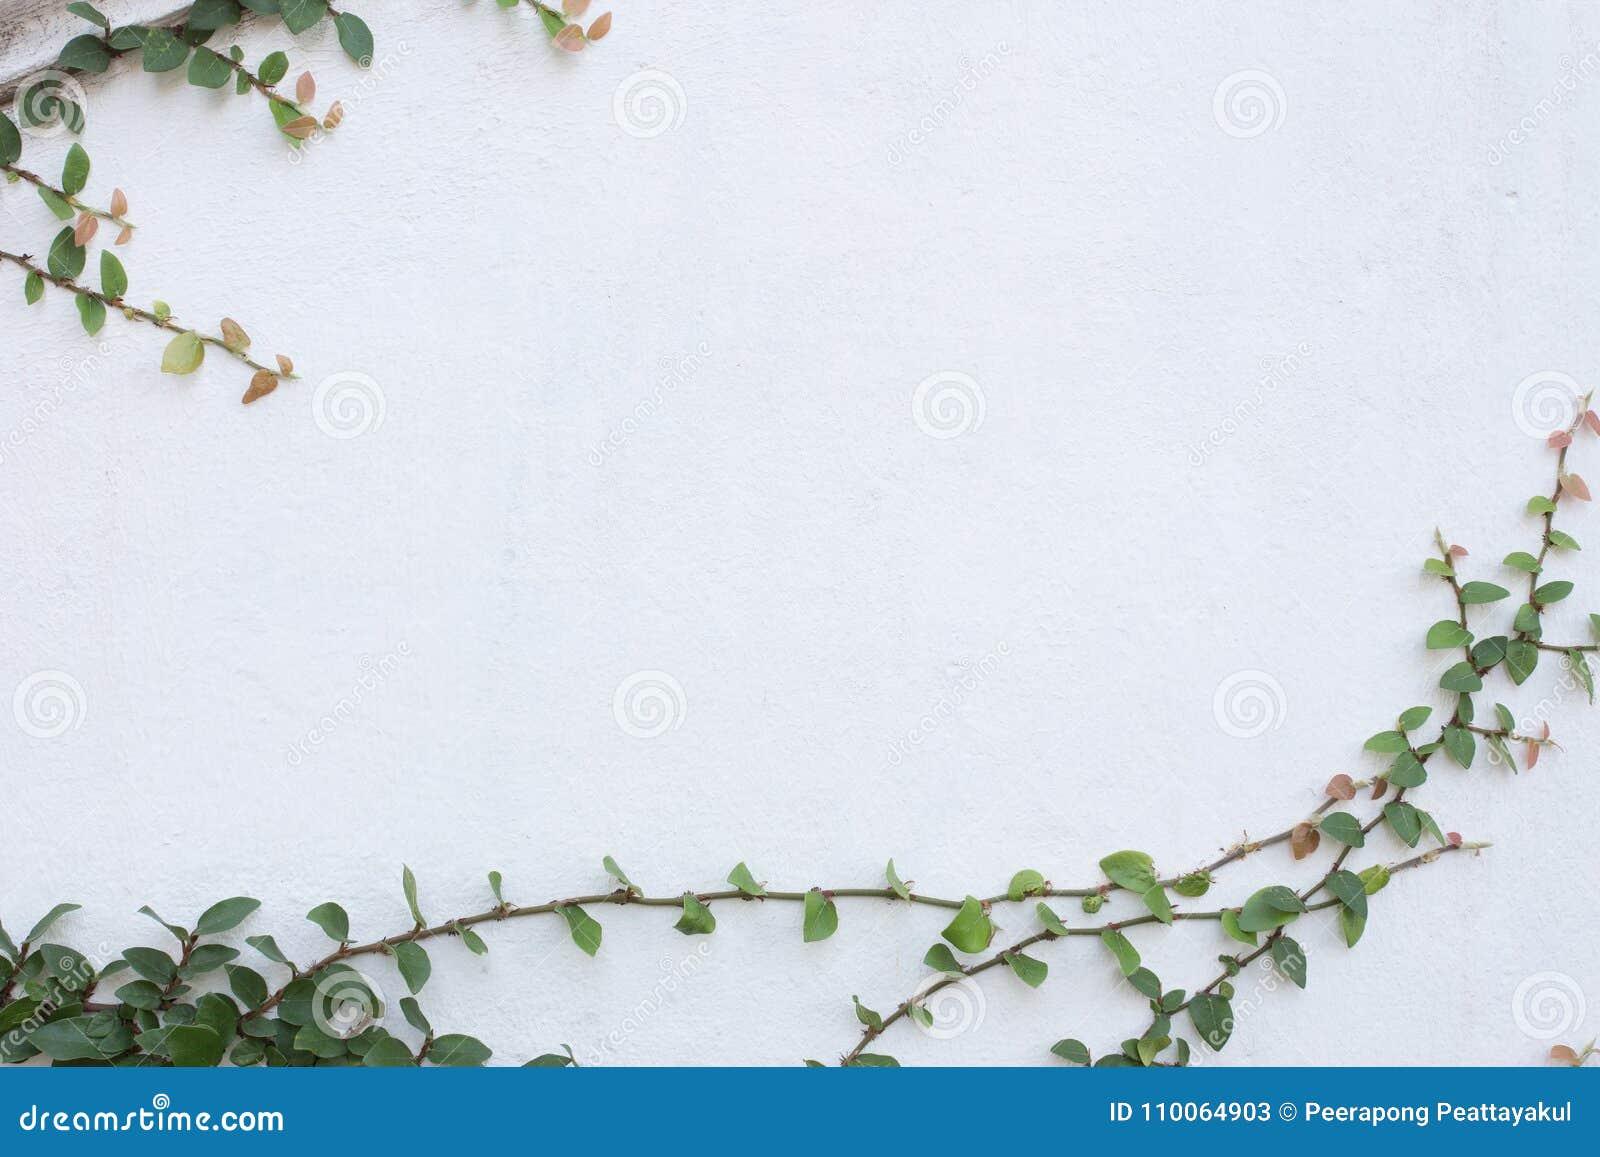 usine verte de plante grimpante sur le mur blanc image. Black Bedroom Furniture Sets. Home Design Ideas